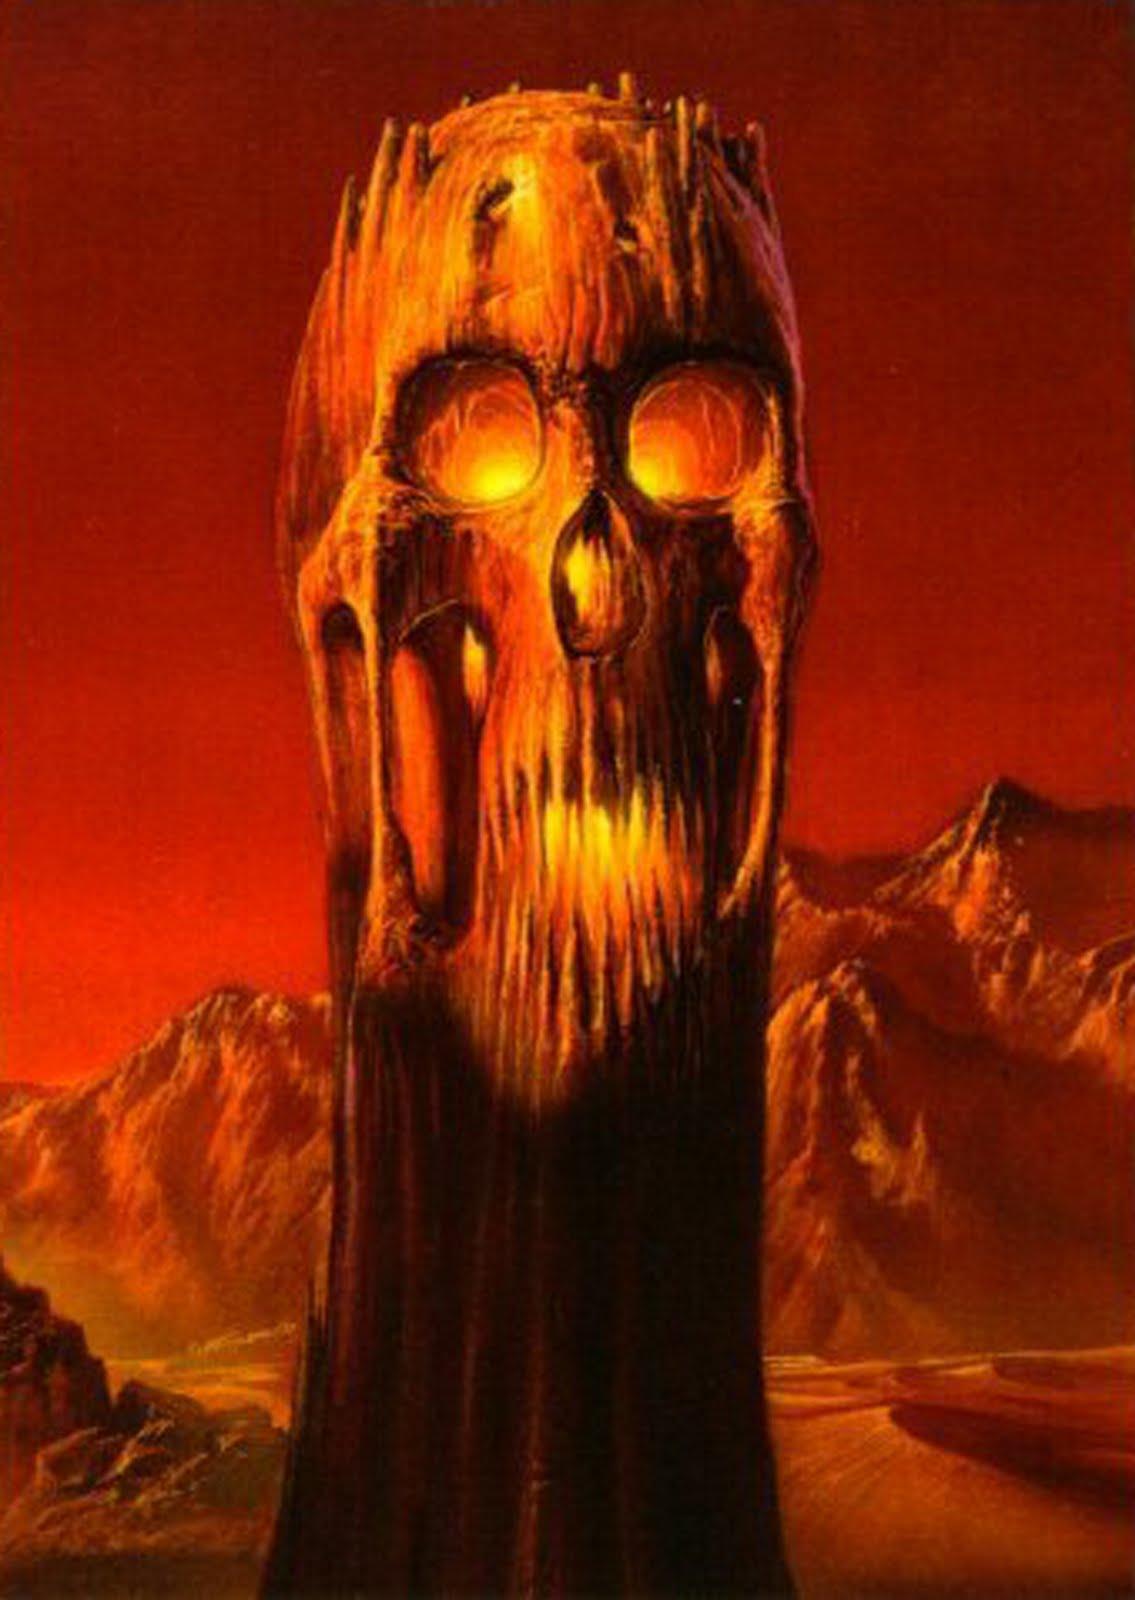 http://1.bp.blogspot.com/_lifmOIlWhr8/TS3bu2CiB-I/AAAAAAAAAQU/IN7xJEGvT1w/s1600/skull5.jpg